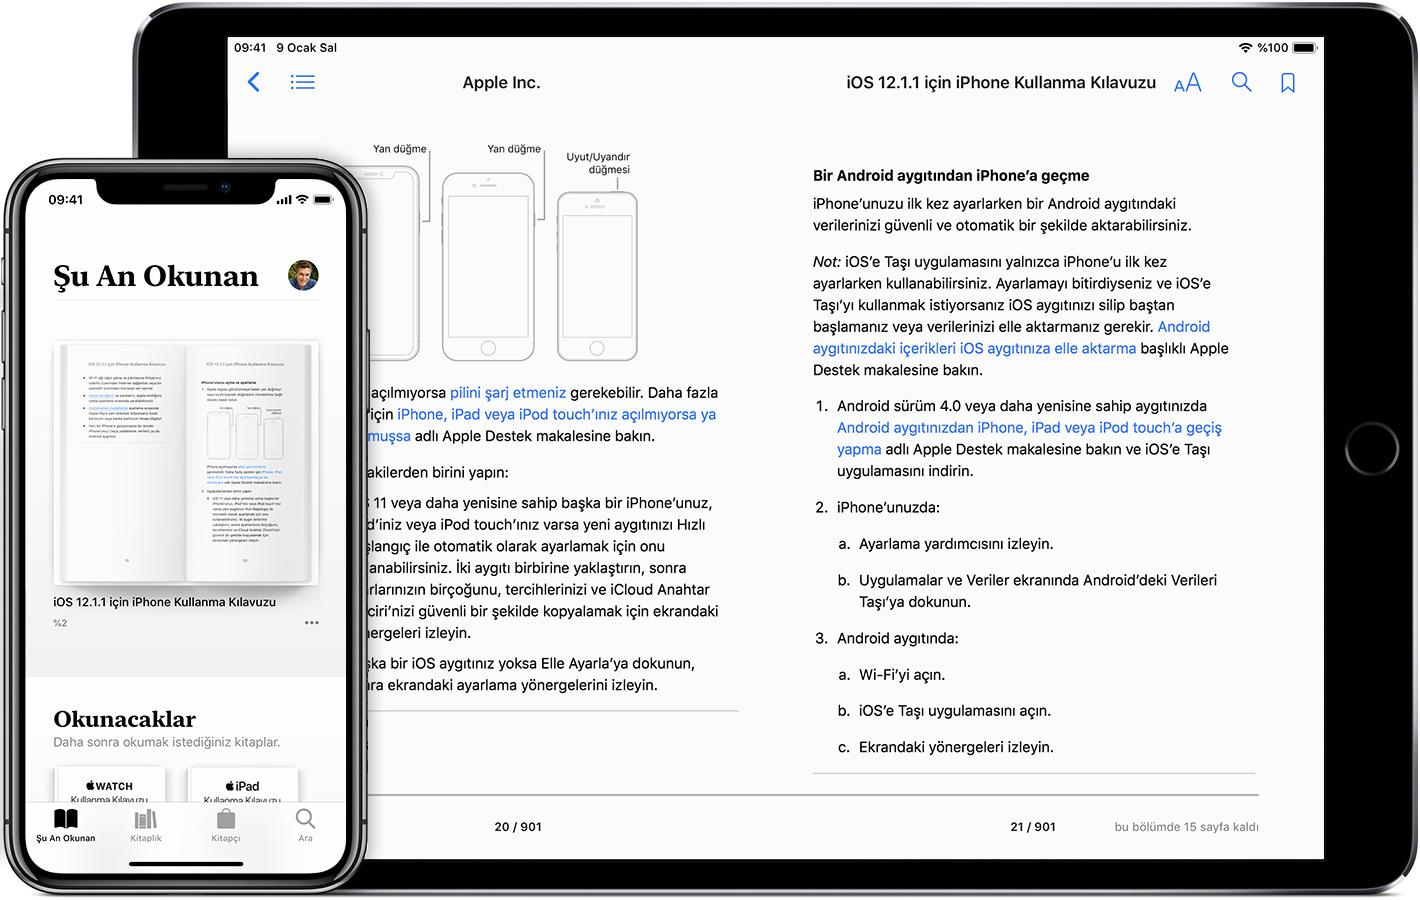 Apple Books Ile Iphone Ipad Veya Ipod Touchınızda Kitap Okuma Ve